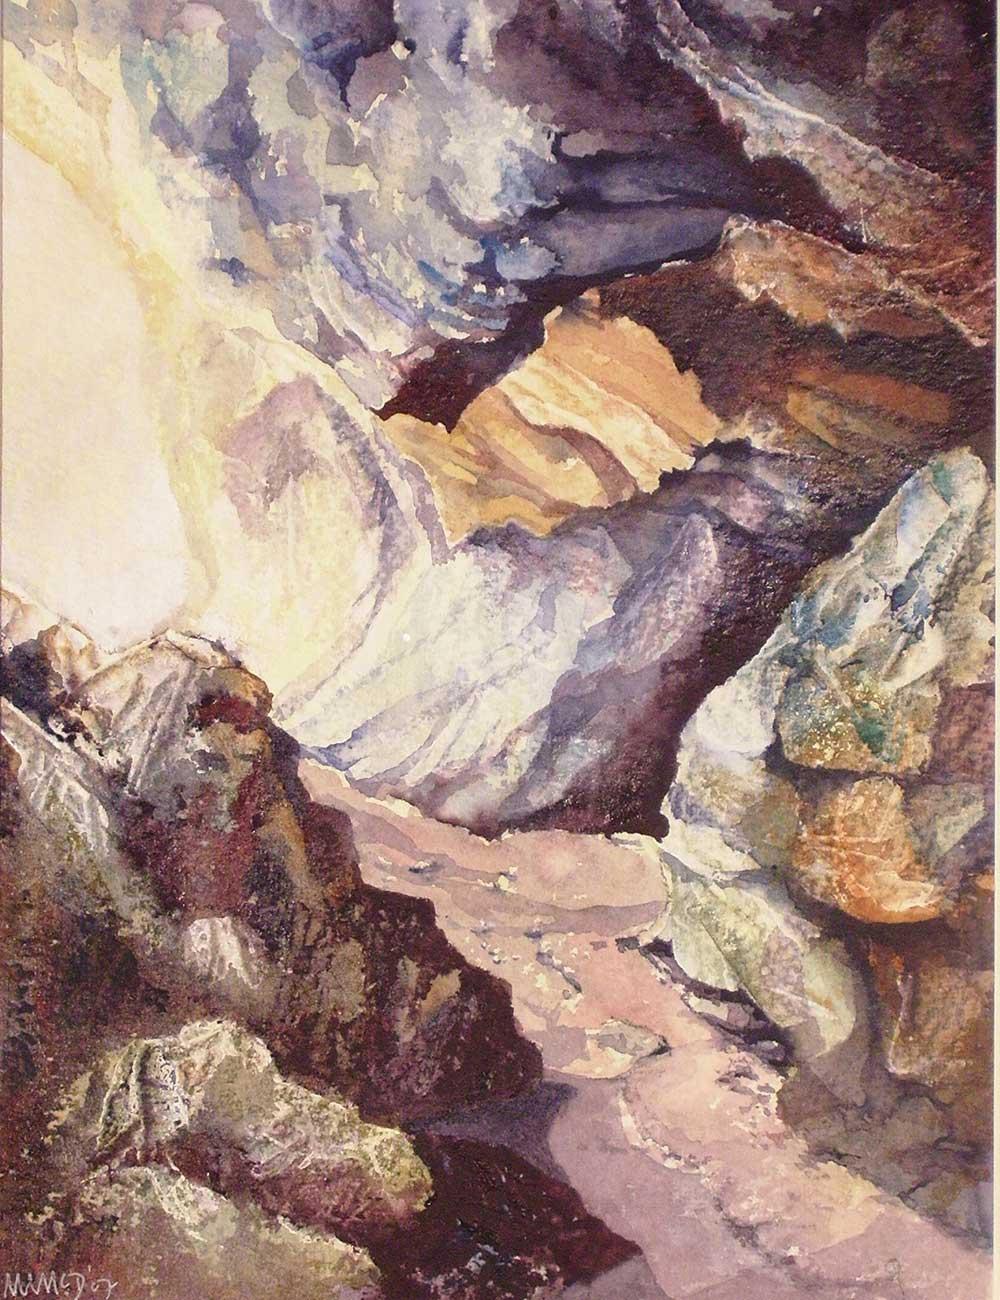 Cave Entrance at Buckfast